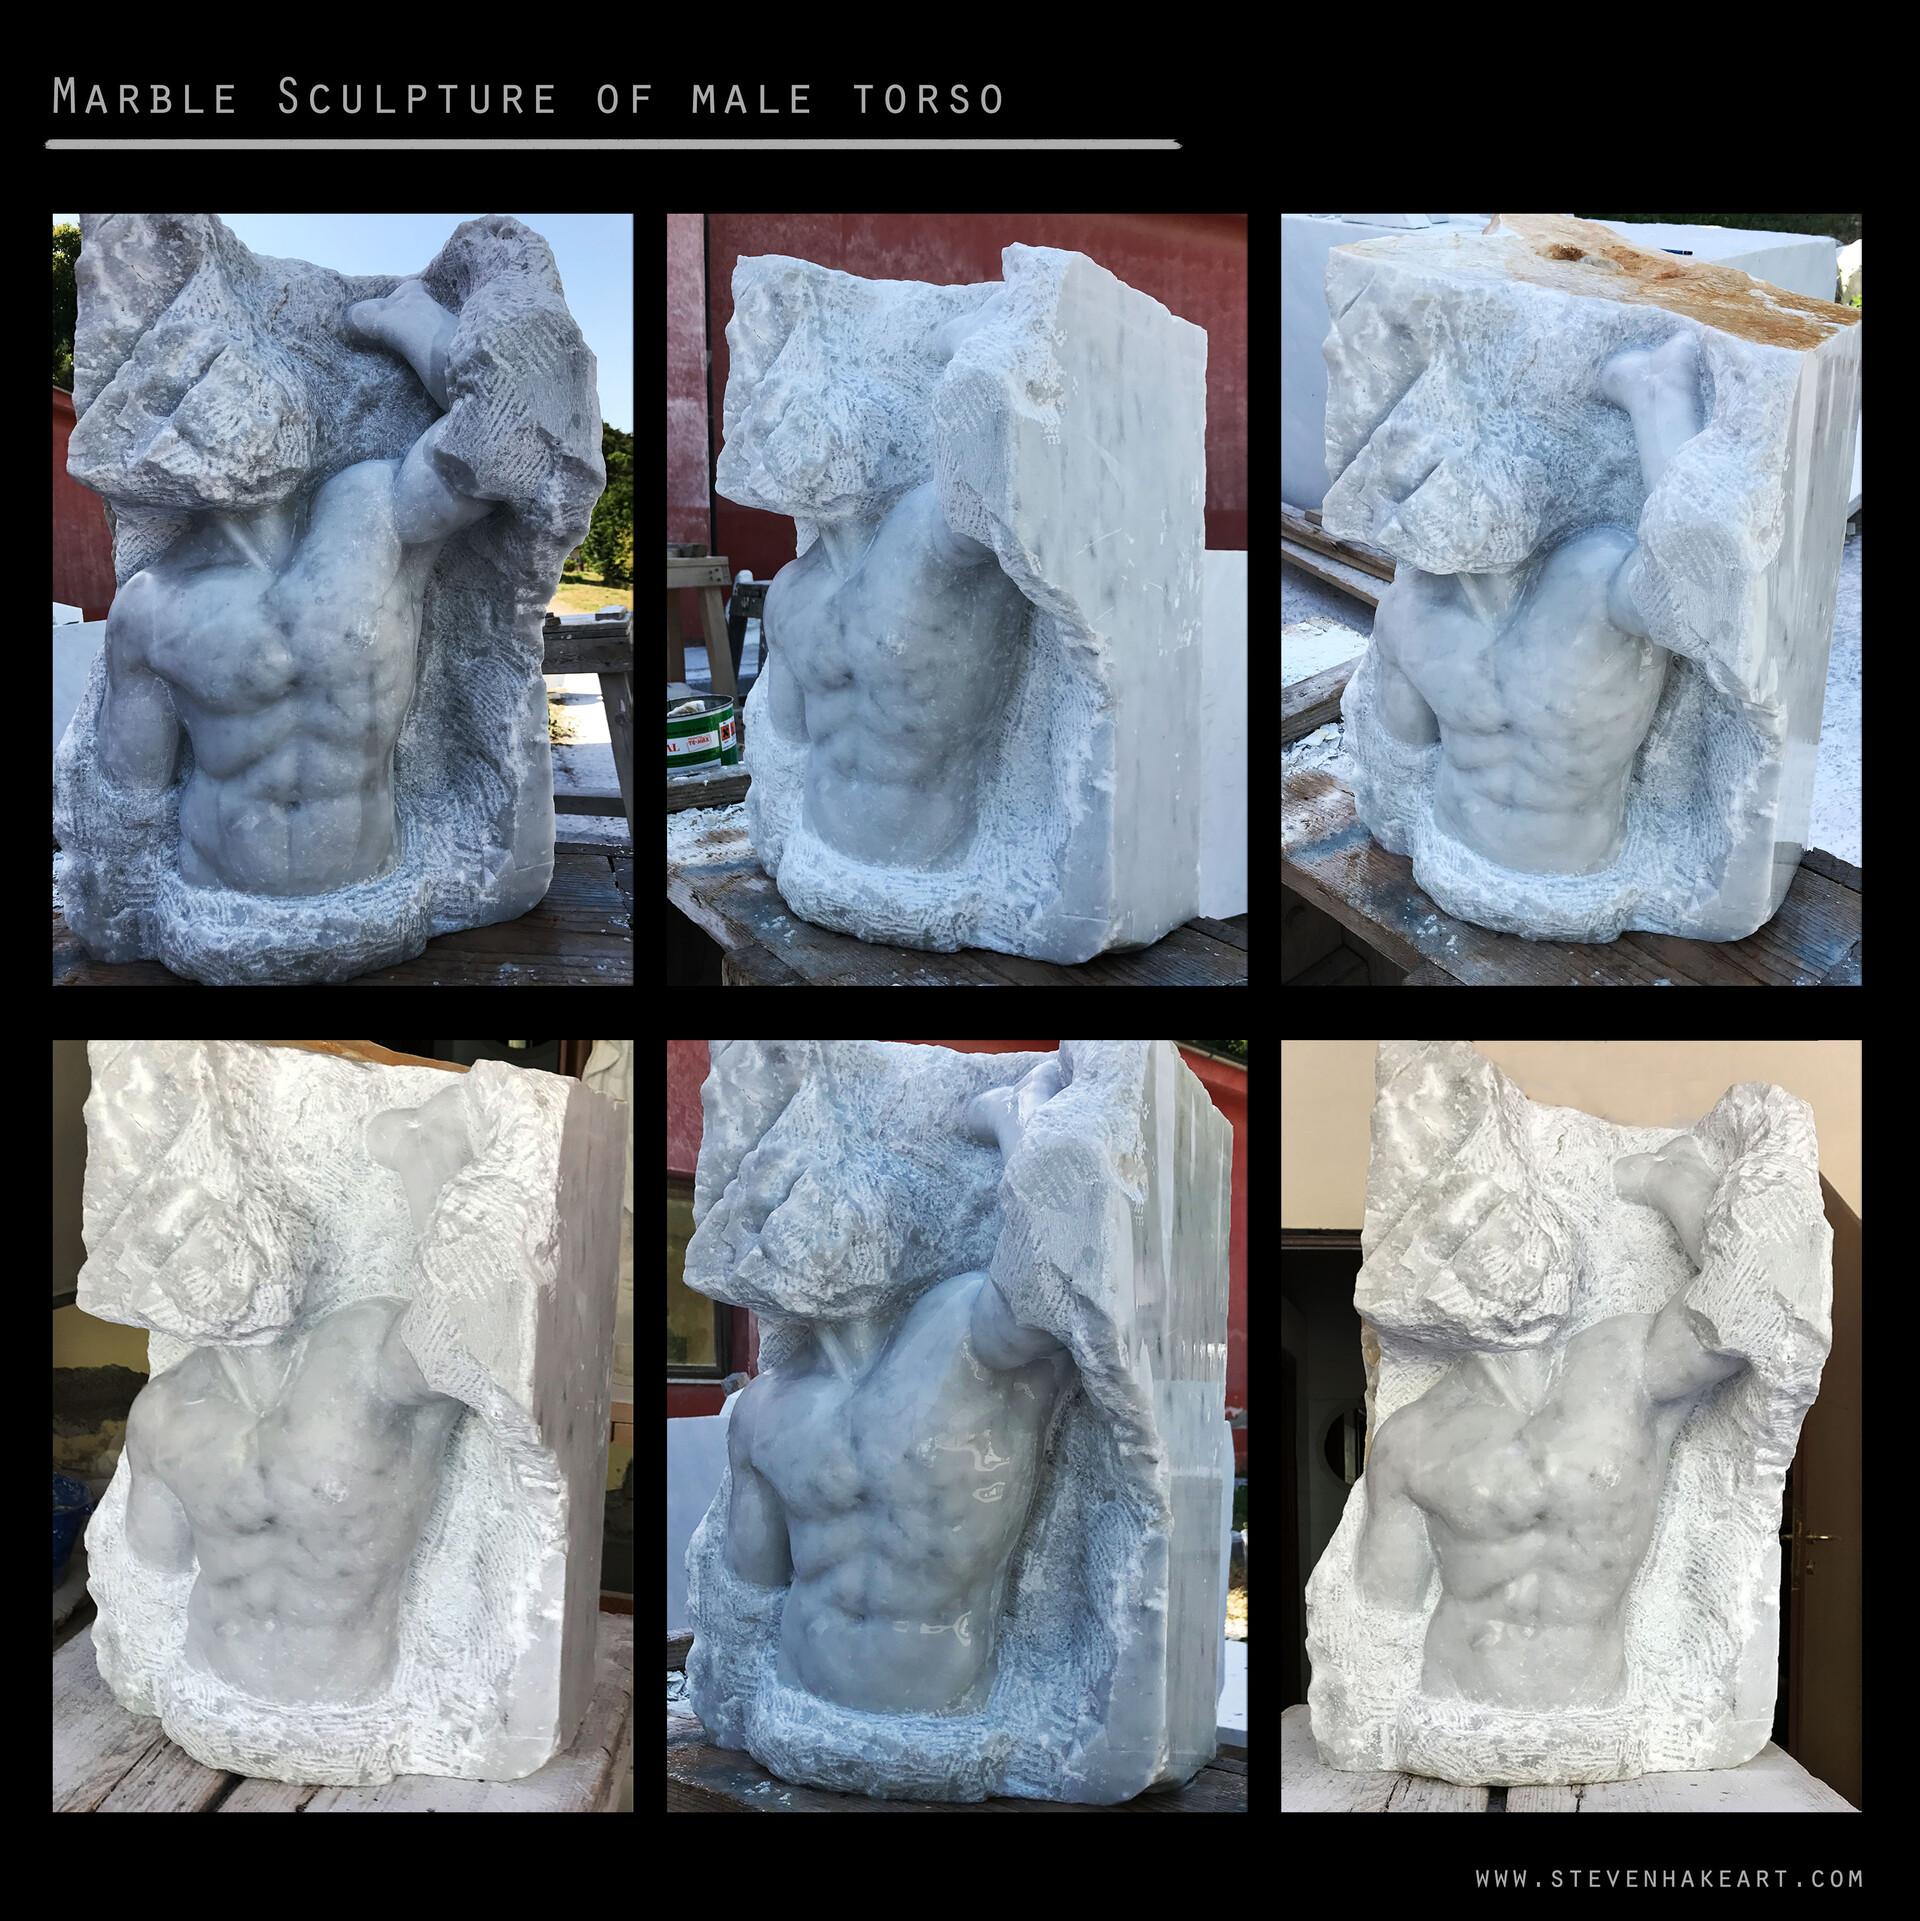 Steven hake marblesculpture stevenhake 2